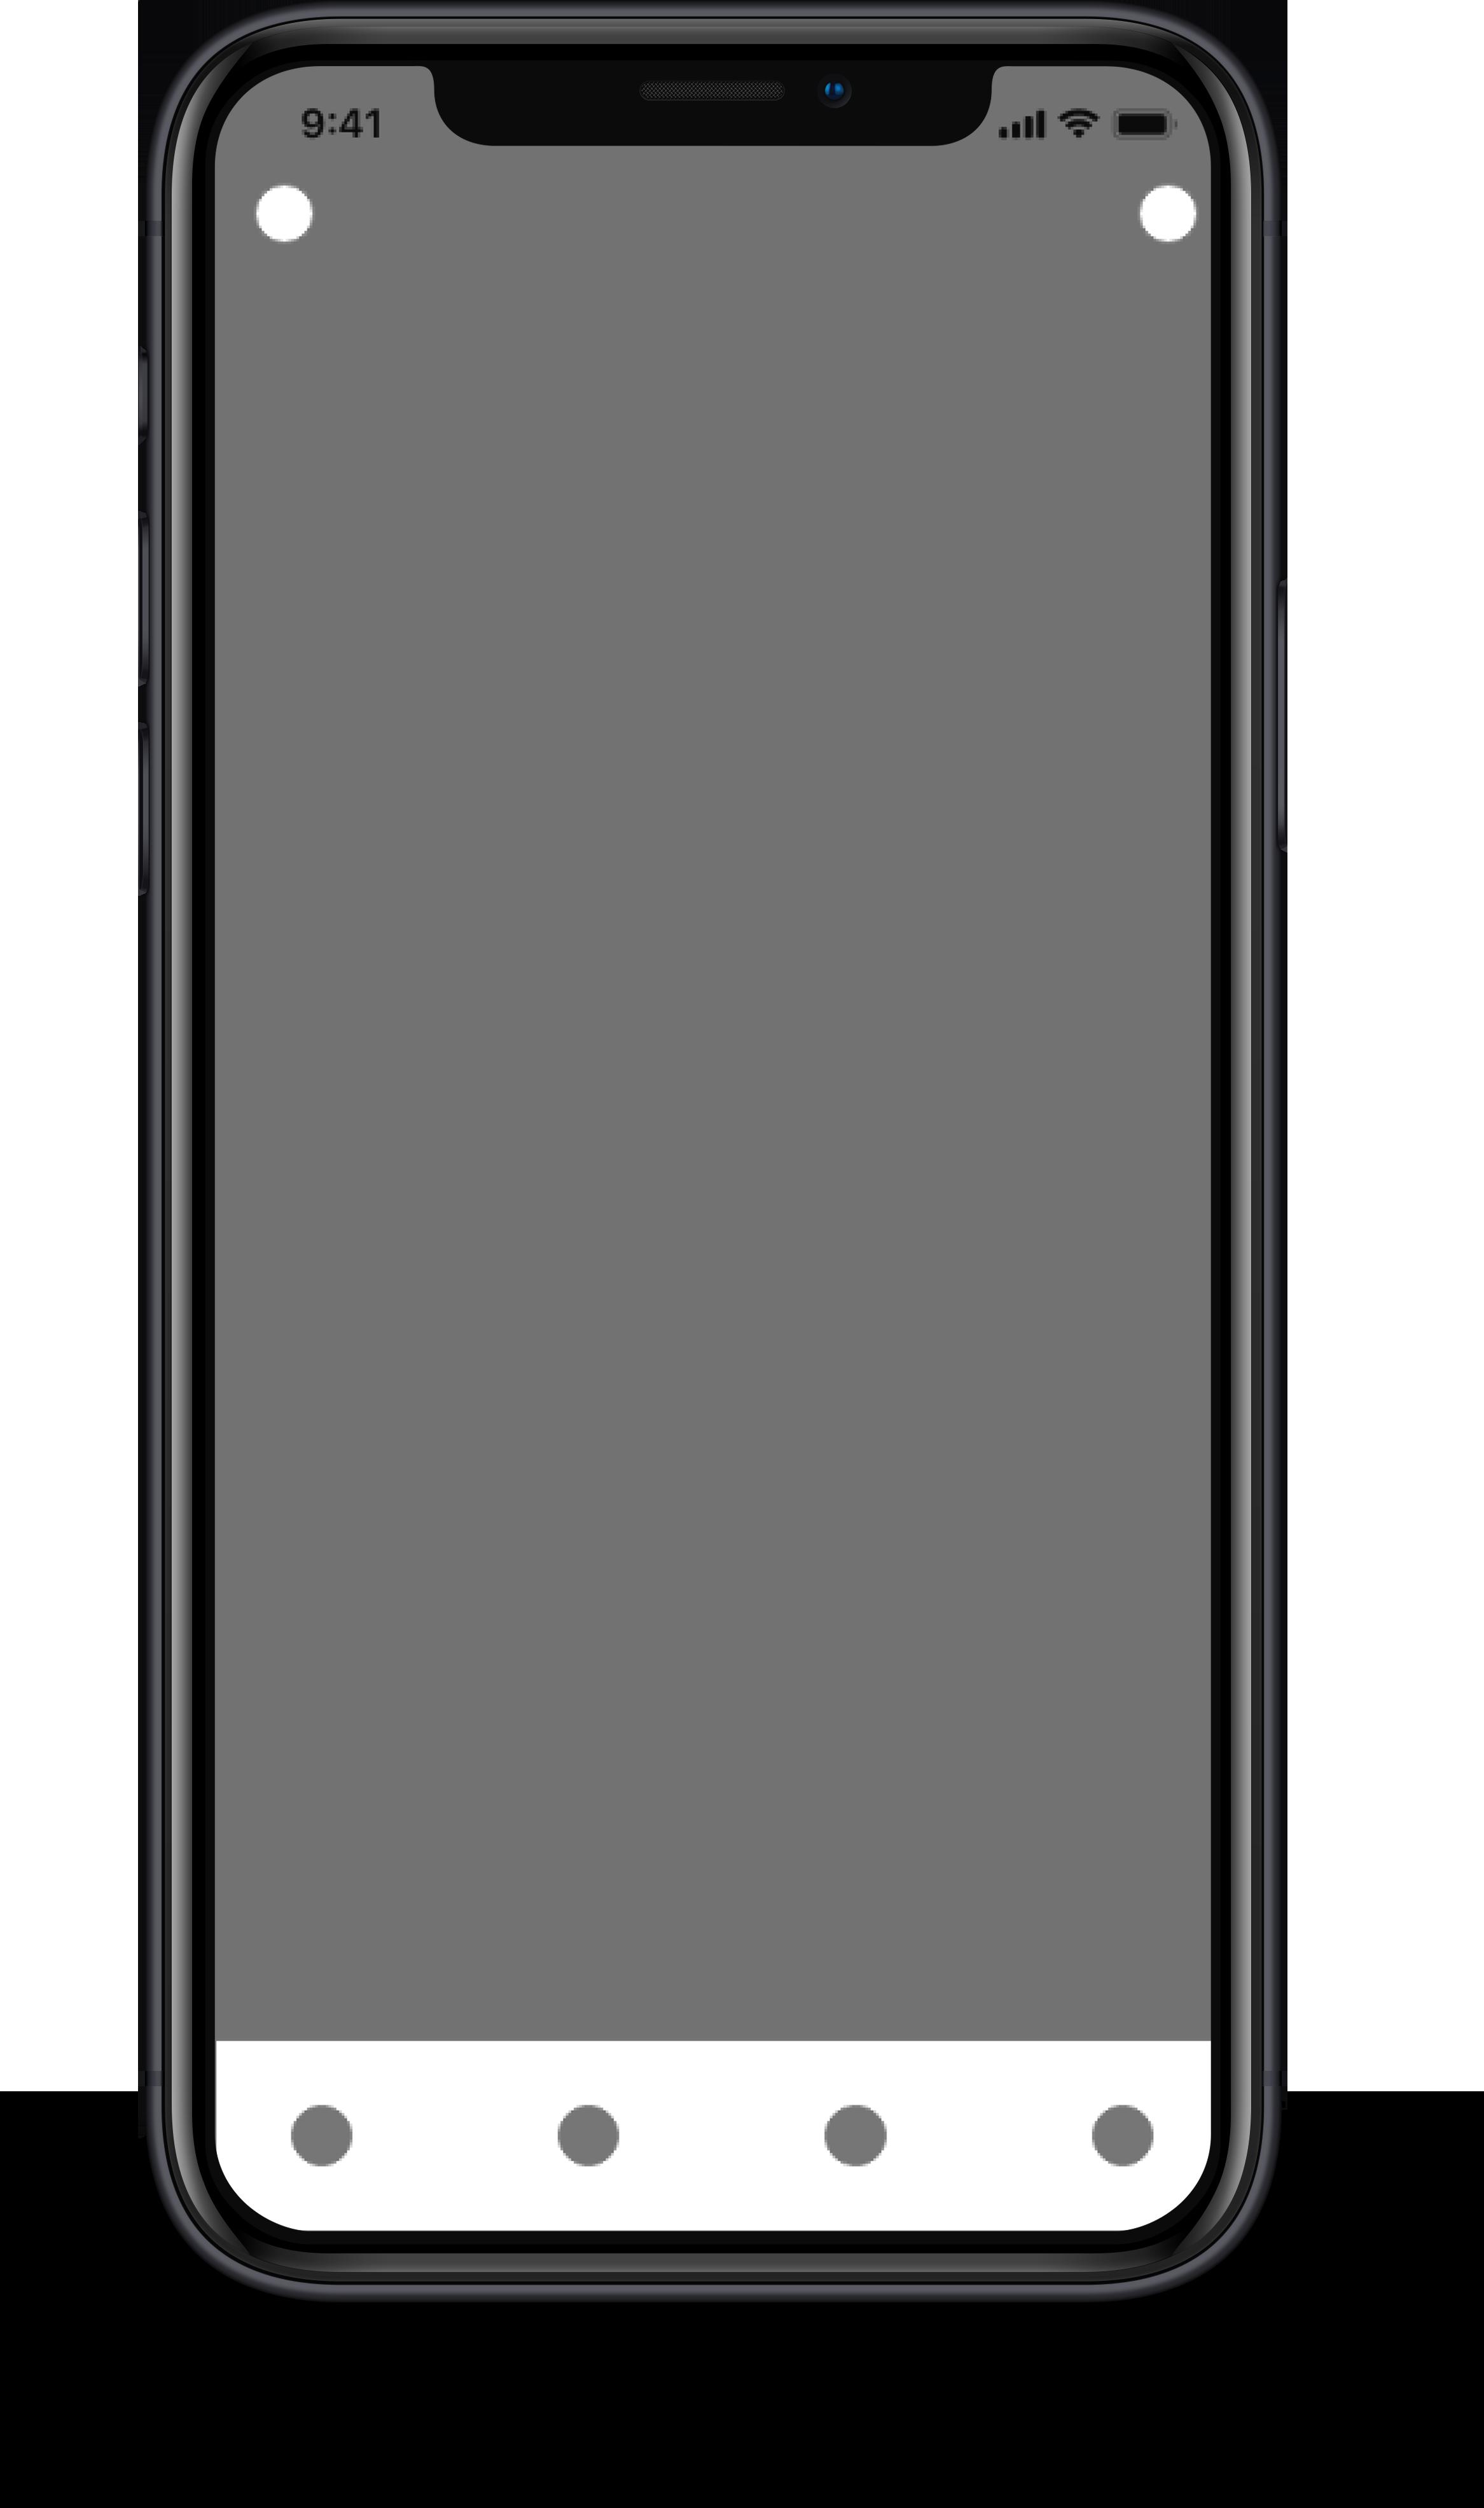 Low Fidelity Wireframes